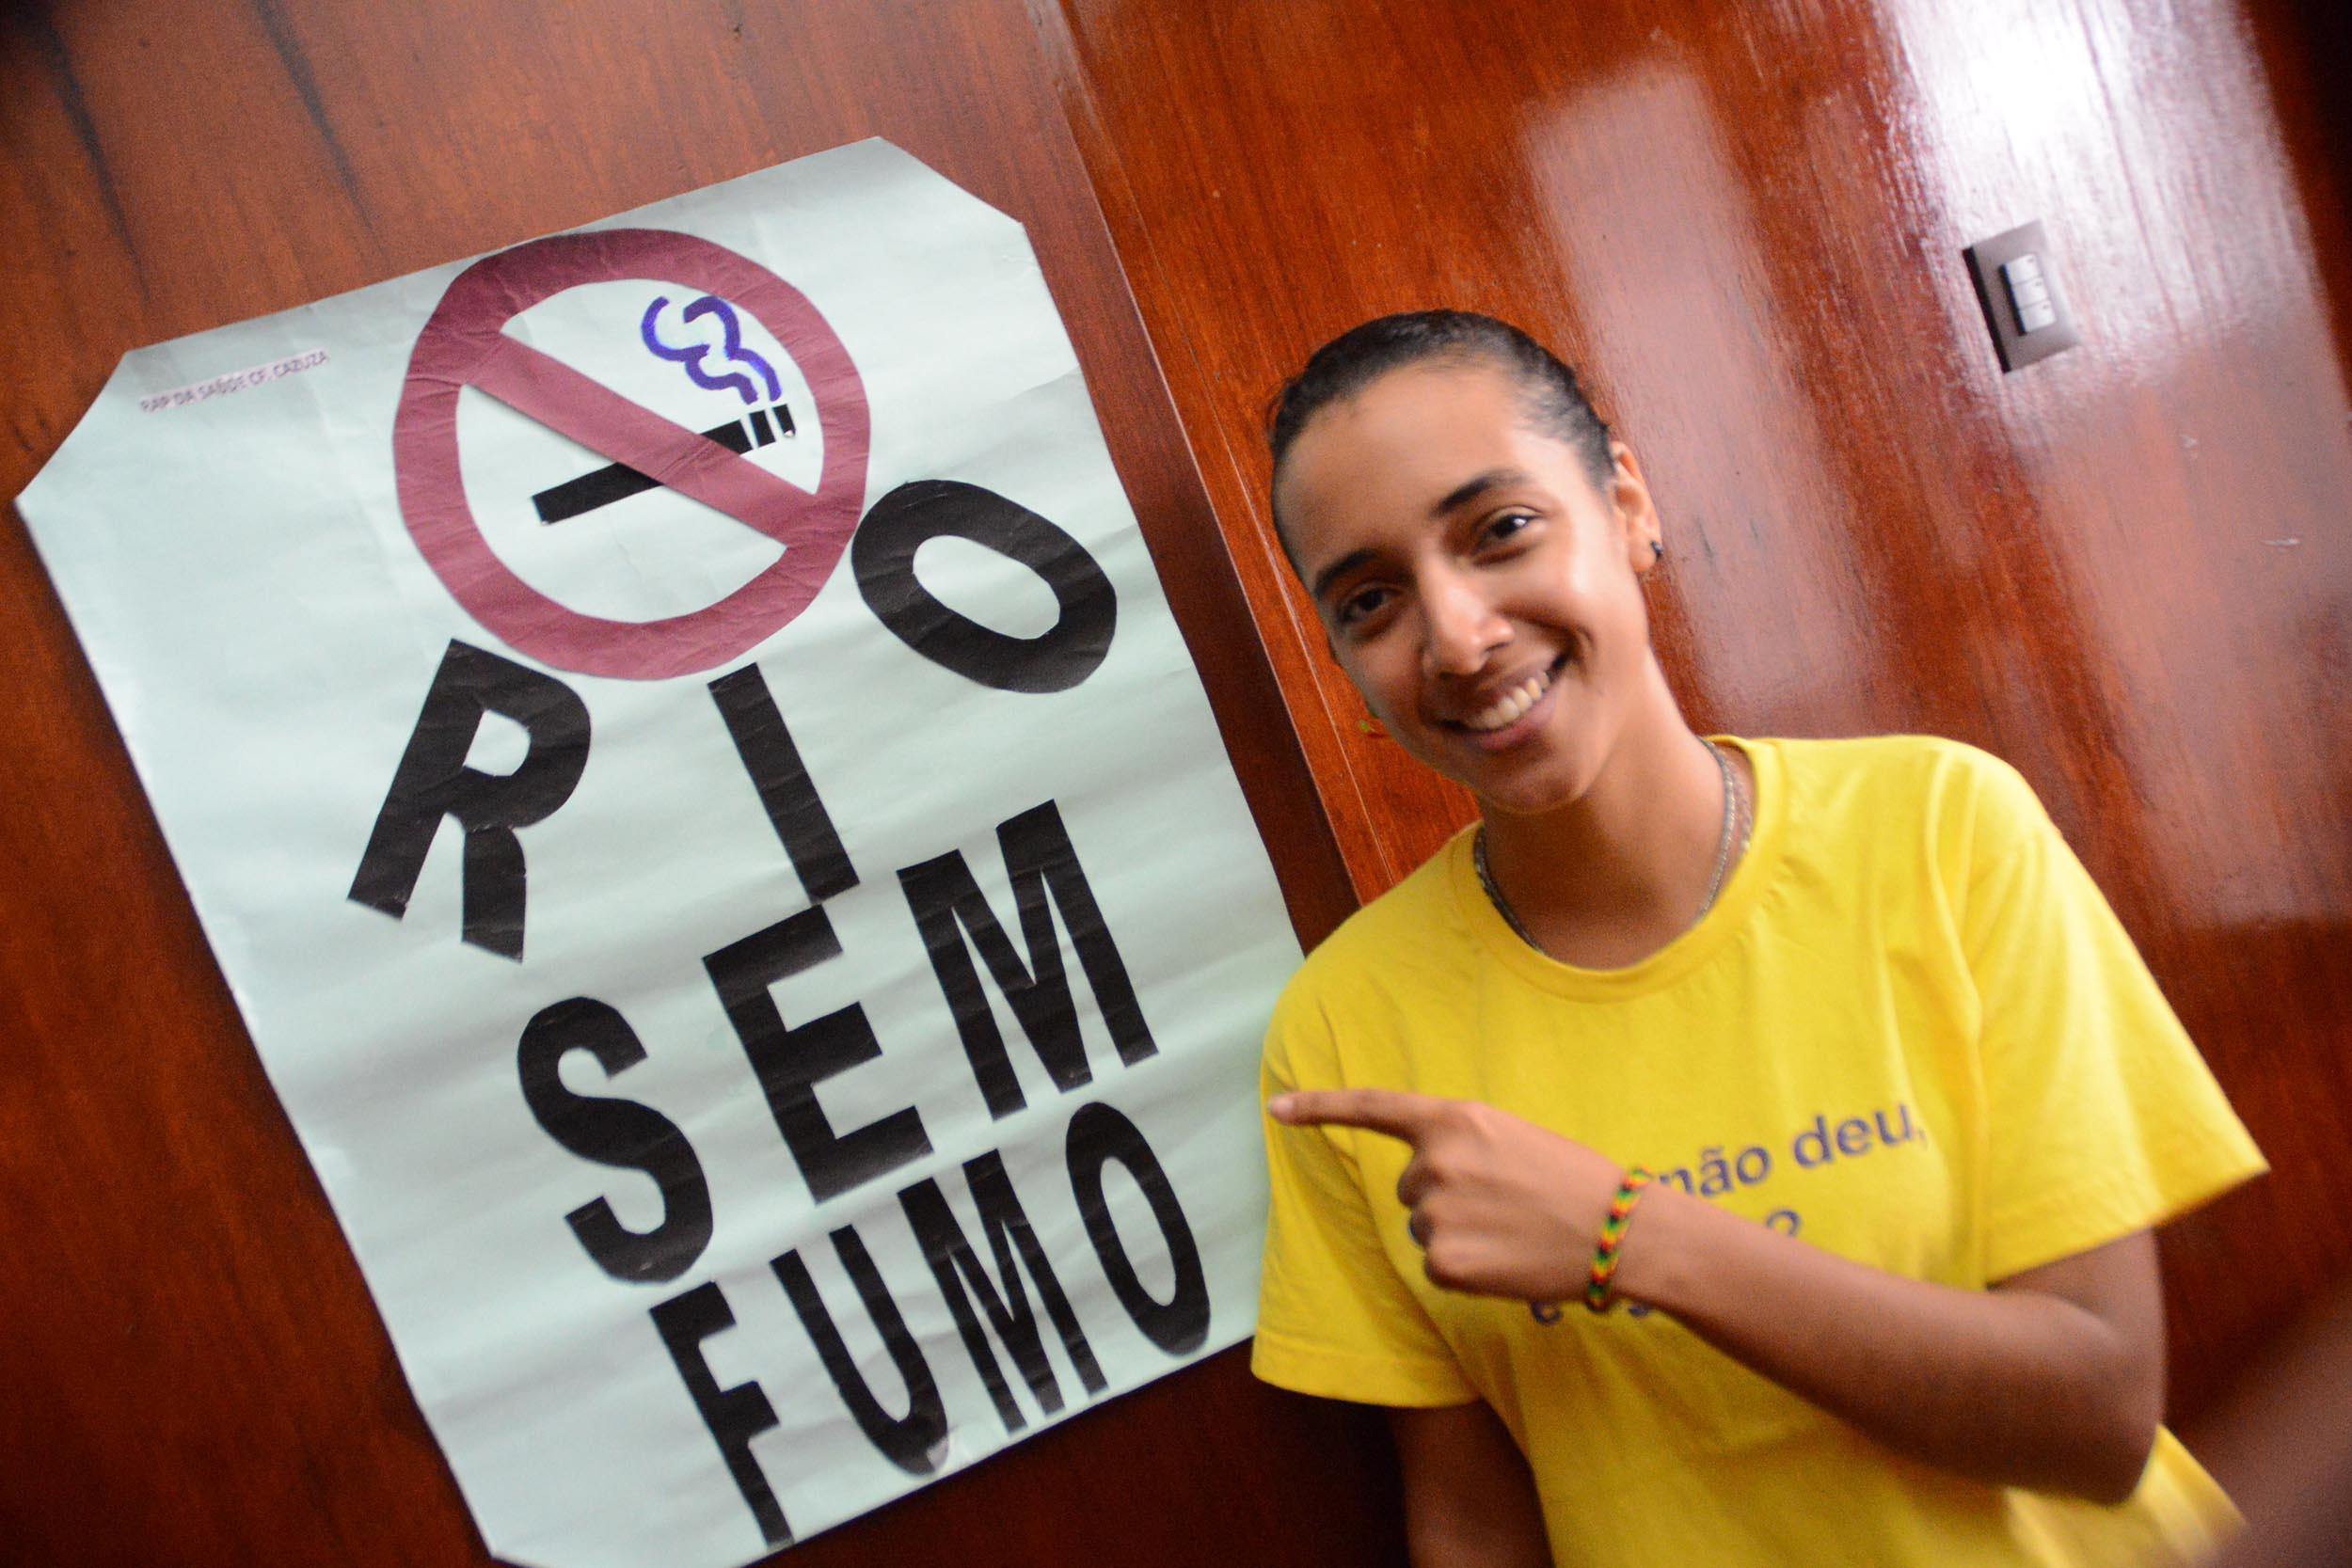 Programa de Controle do Tabagismo discute estratégias para prevenir vício do cigarro em adolescentes